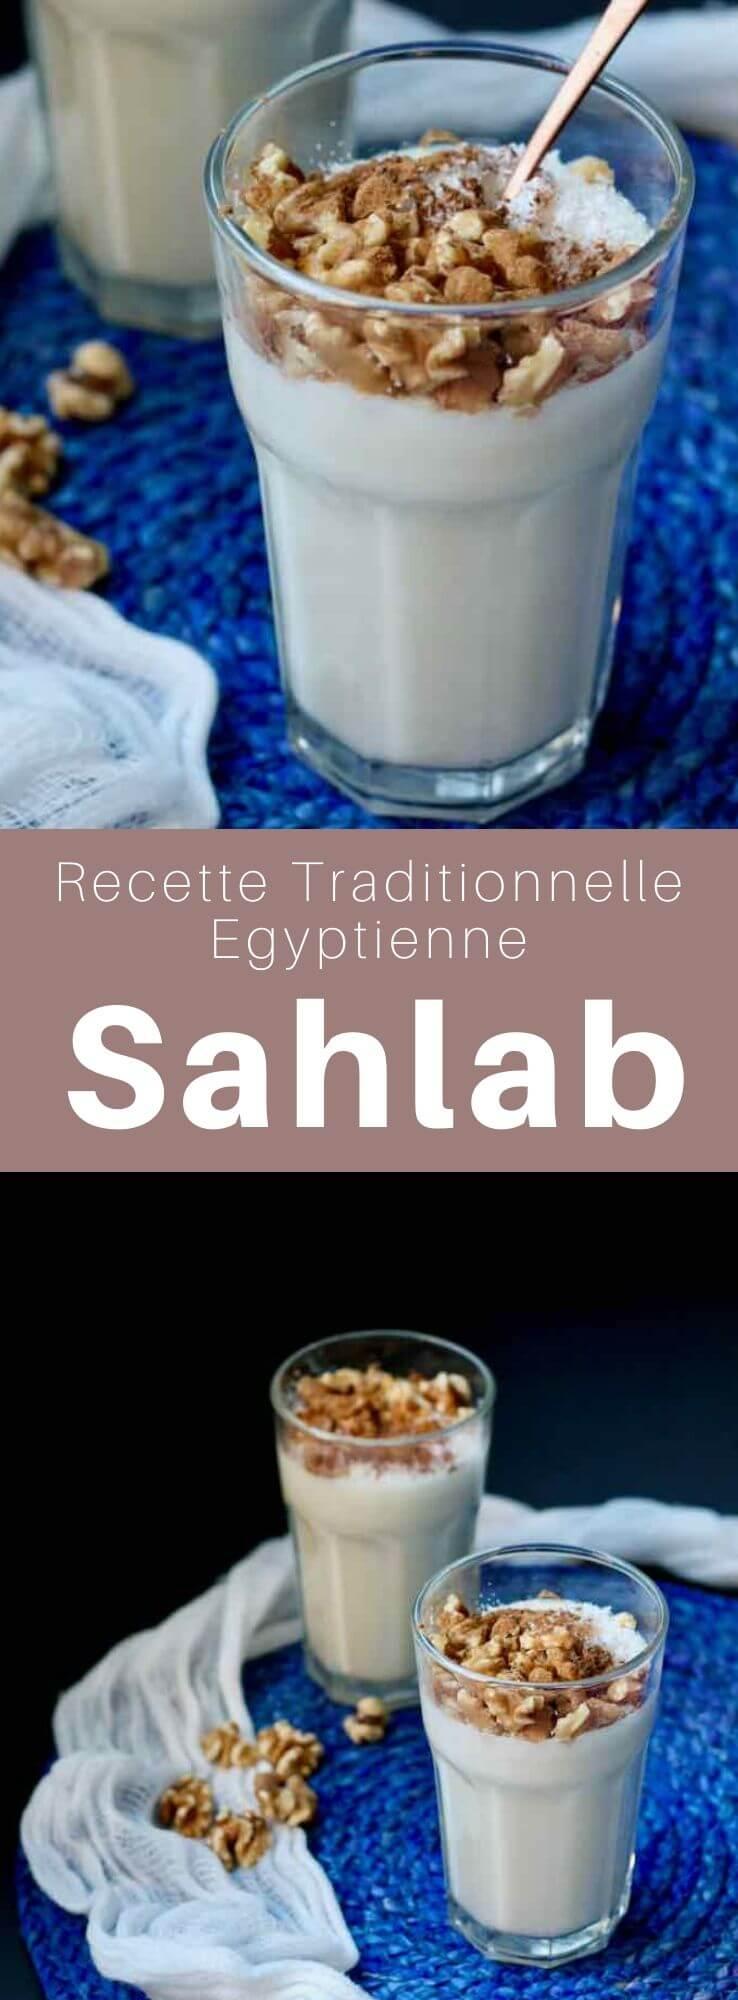 Le sahlab (salep) est une boisson chaude crémeuse populaire en Égypte à base de sahlab obtenu à partir des tubercules séchés d'une orchidée. #Egypte #RecetteEgyptienne #CuisineEgyptienne #CuisineDuMonde #196flavors